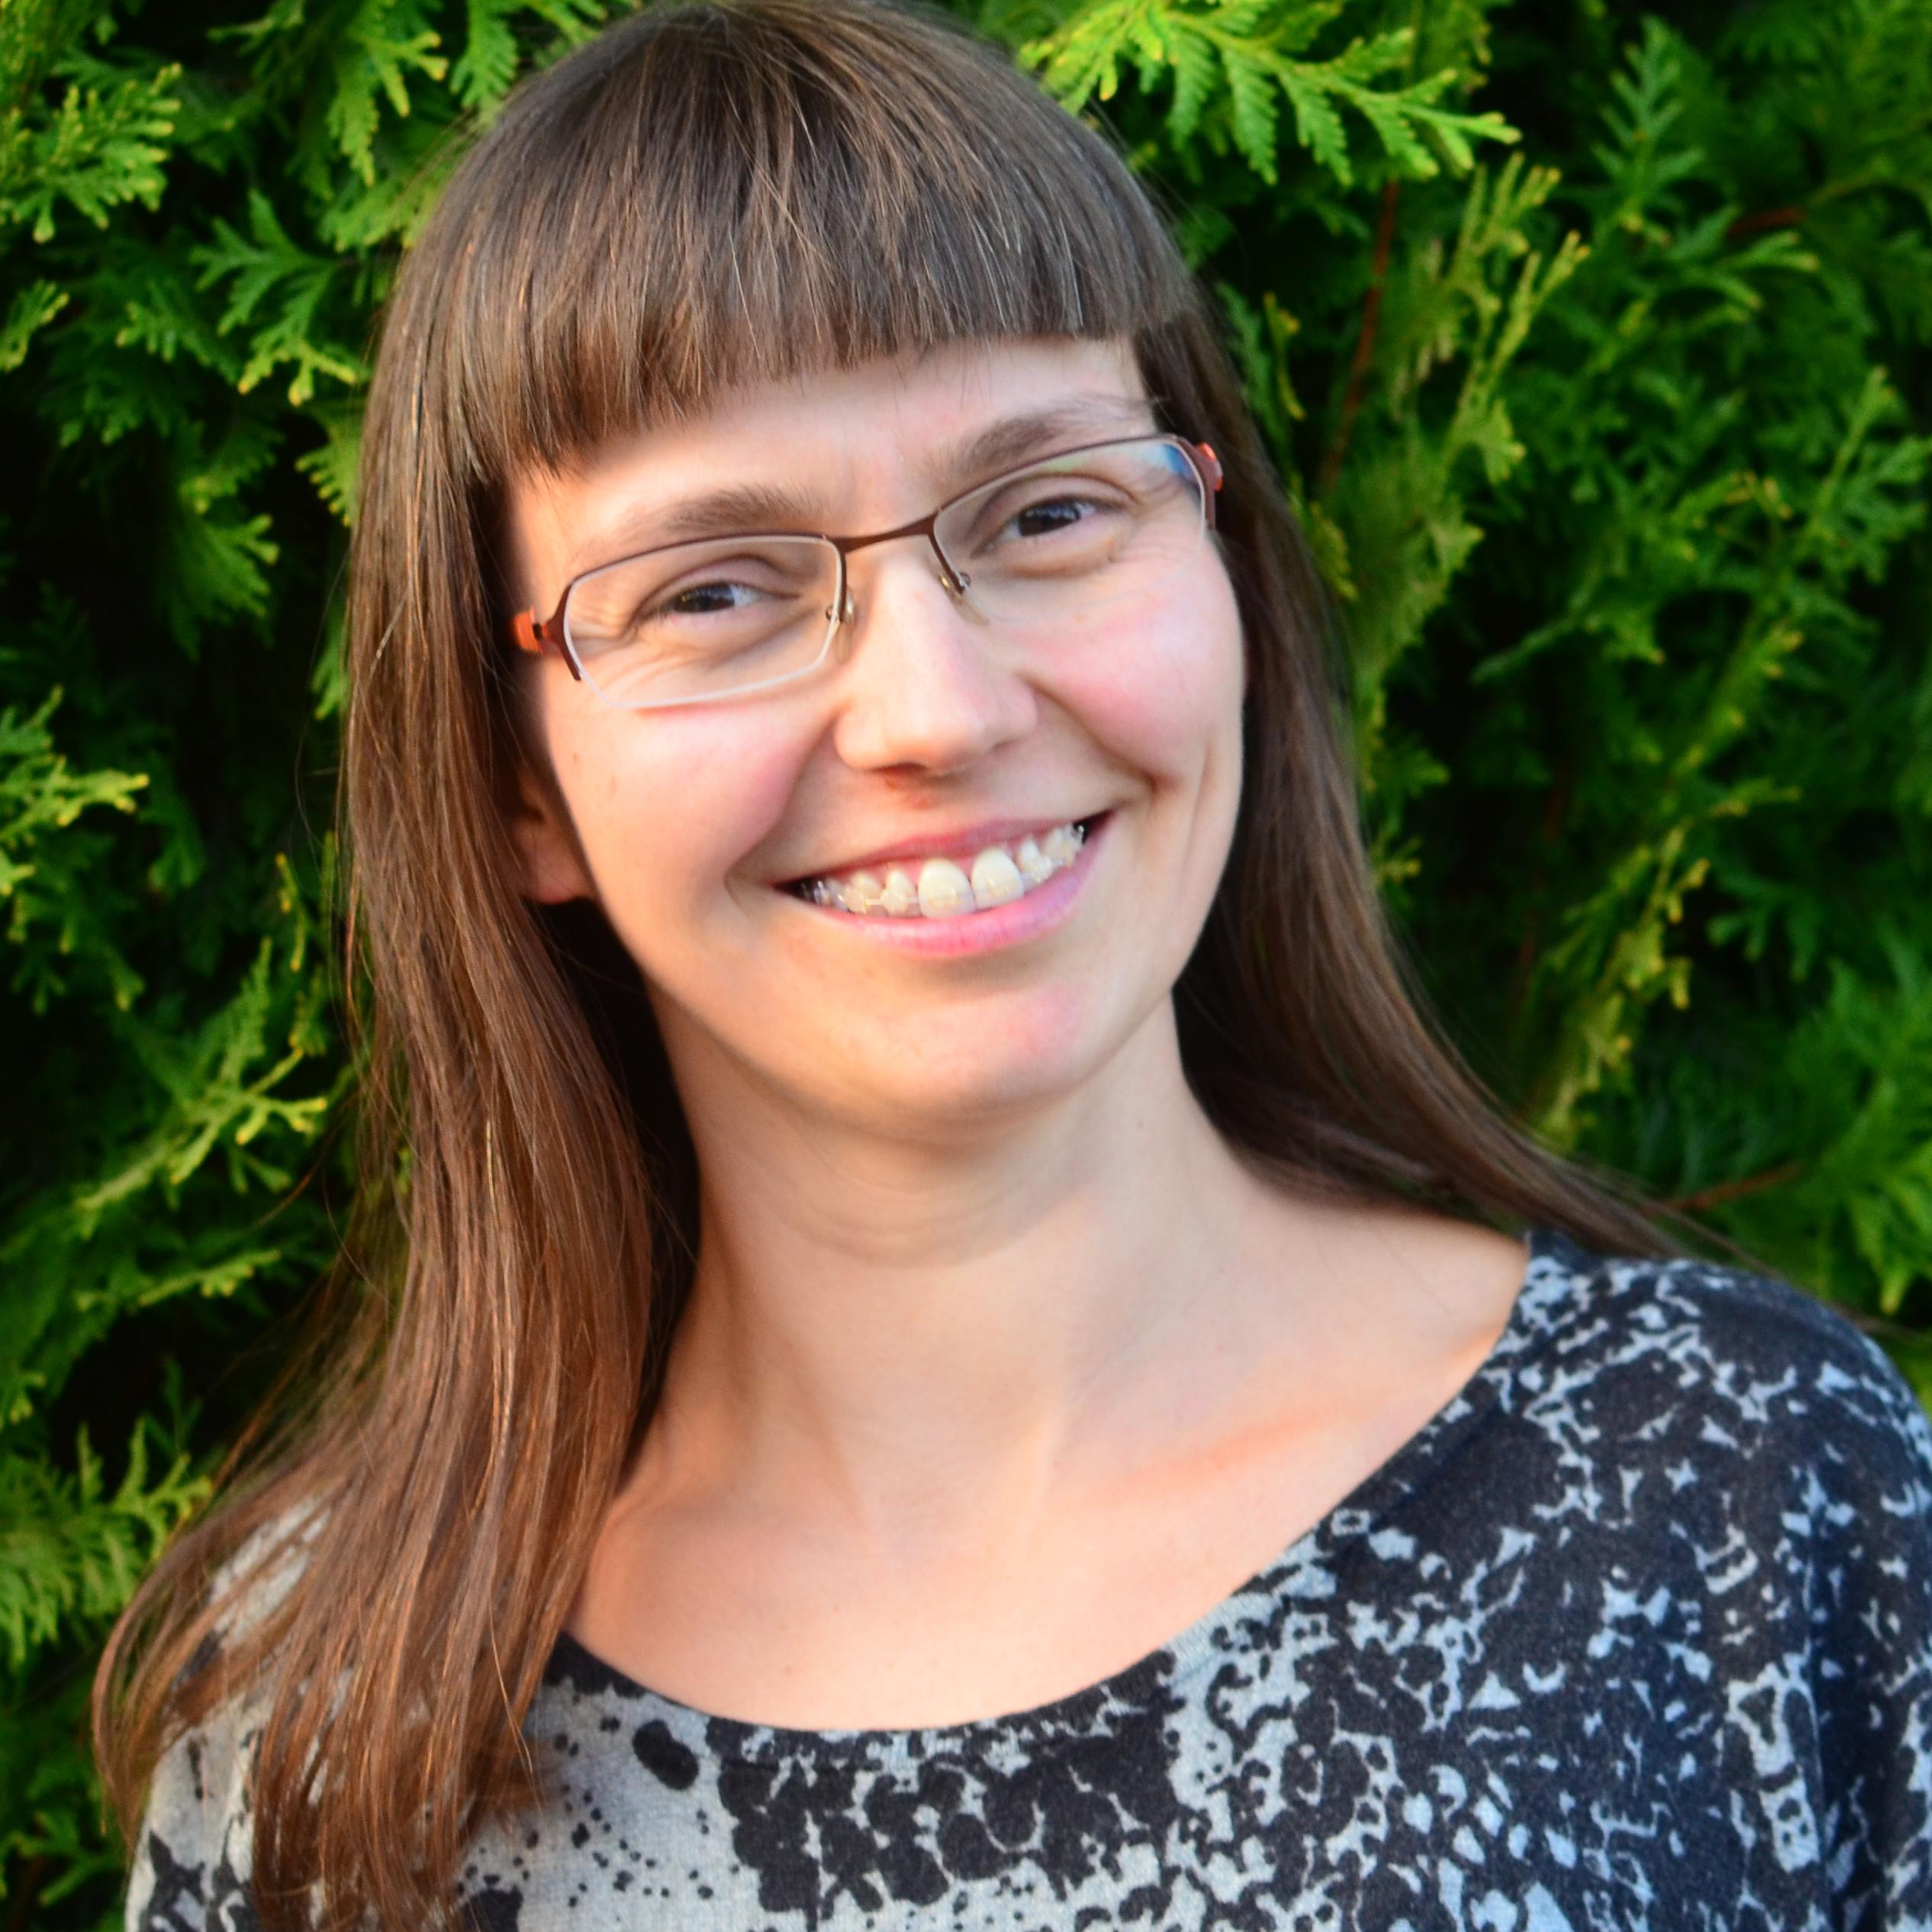 Monika Szkudlarek